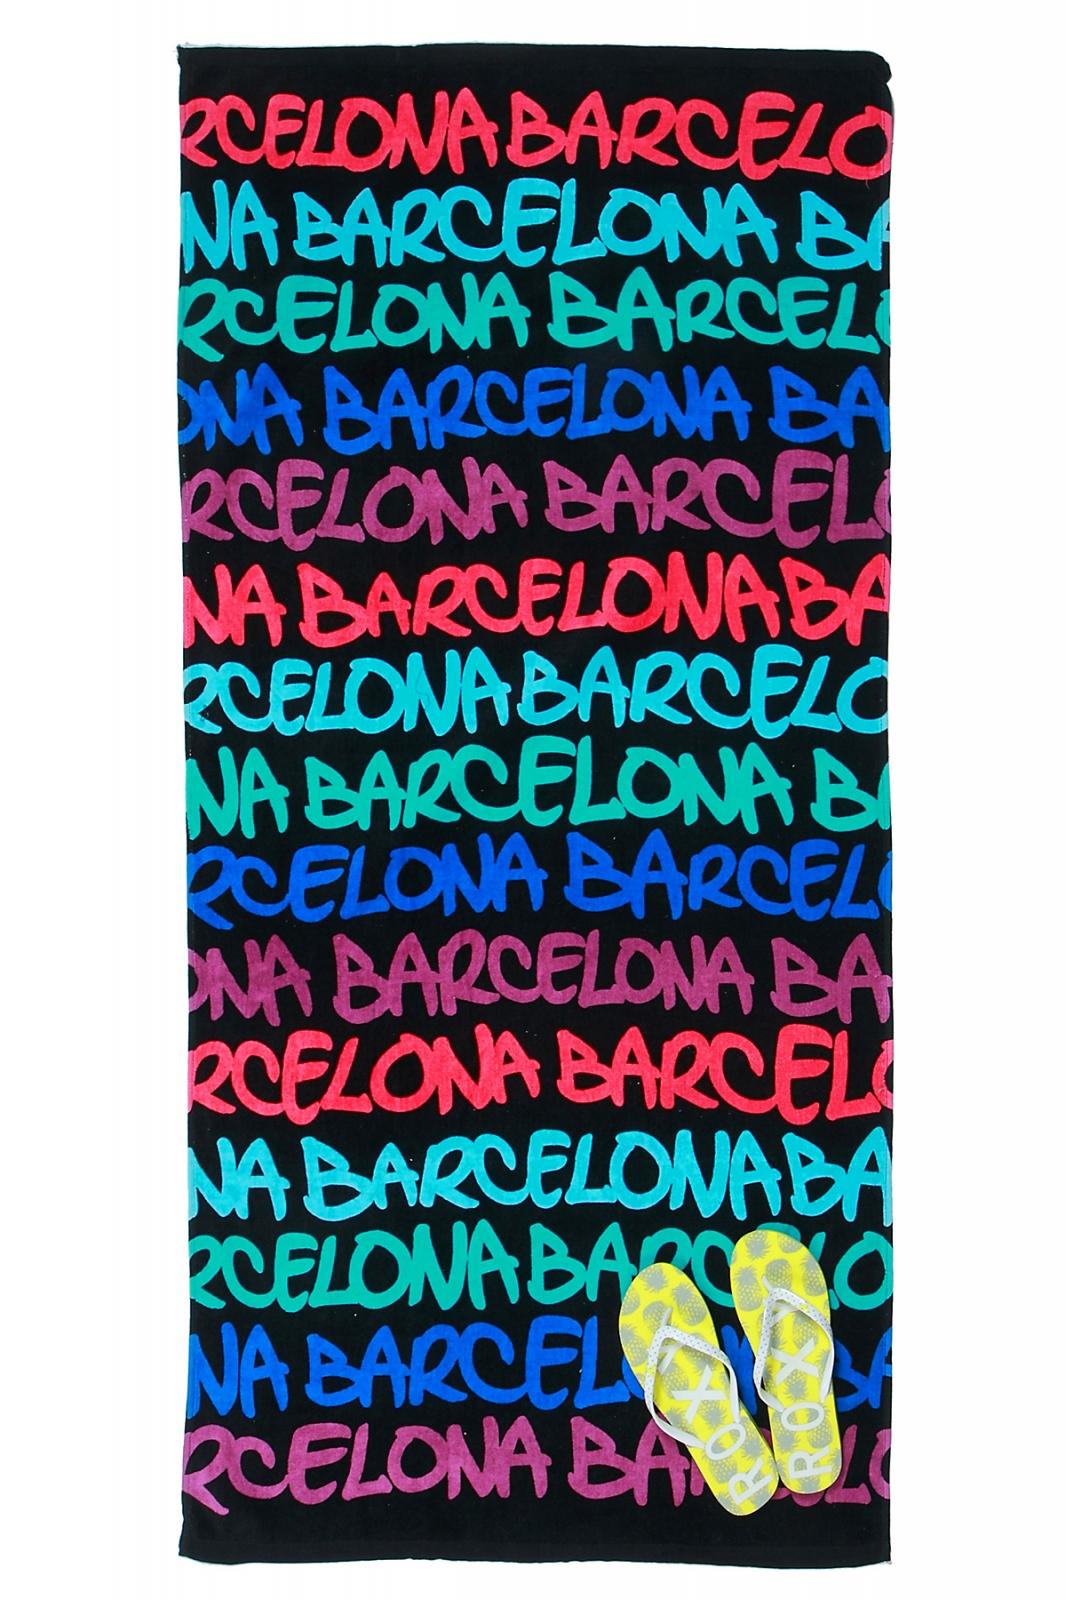 Полотенца Barcelona оптом и в розницу с удобной доставкой